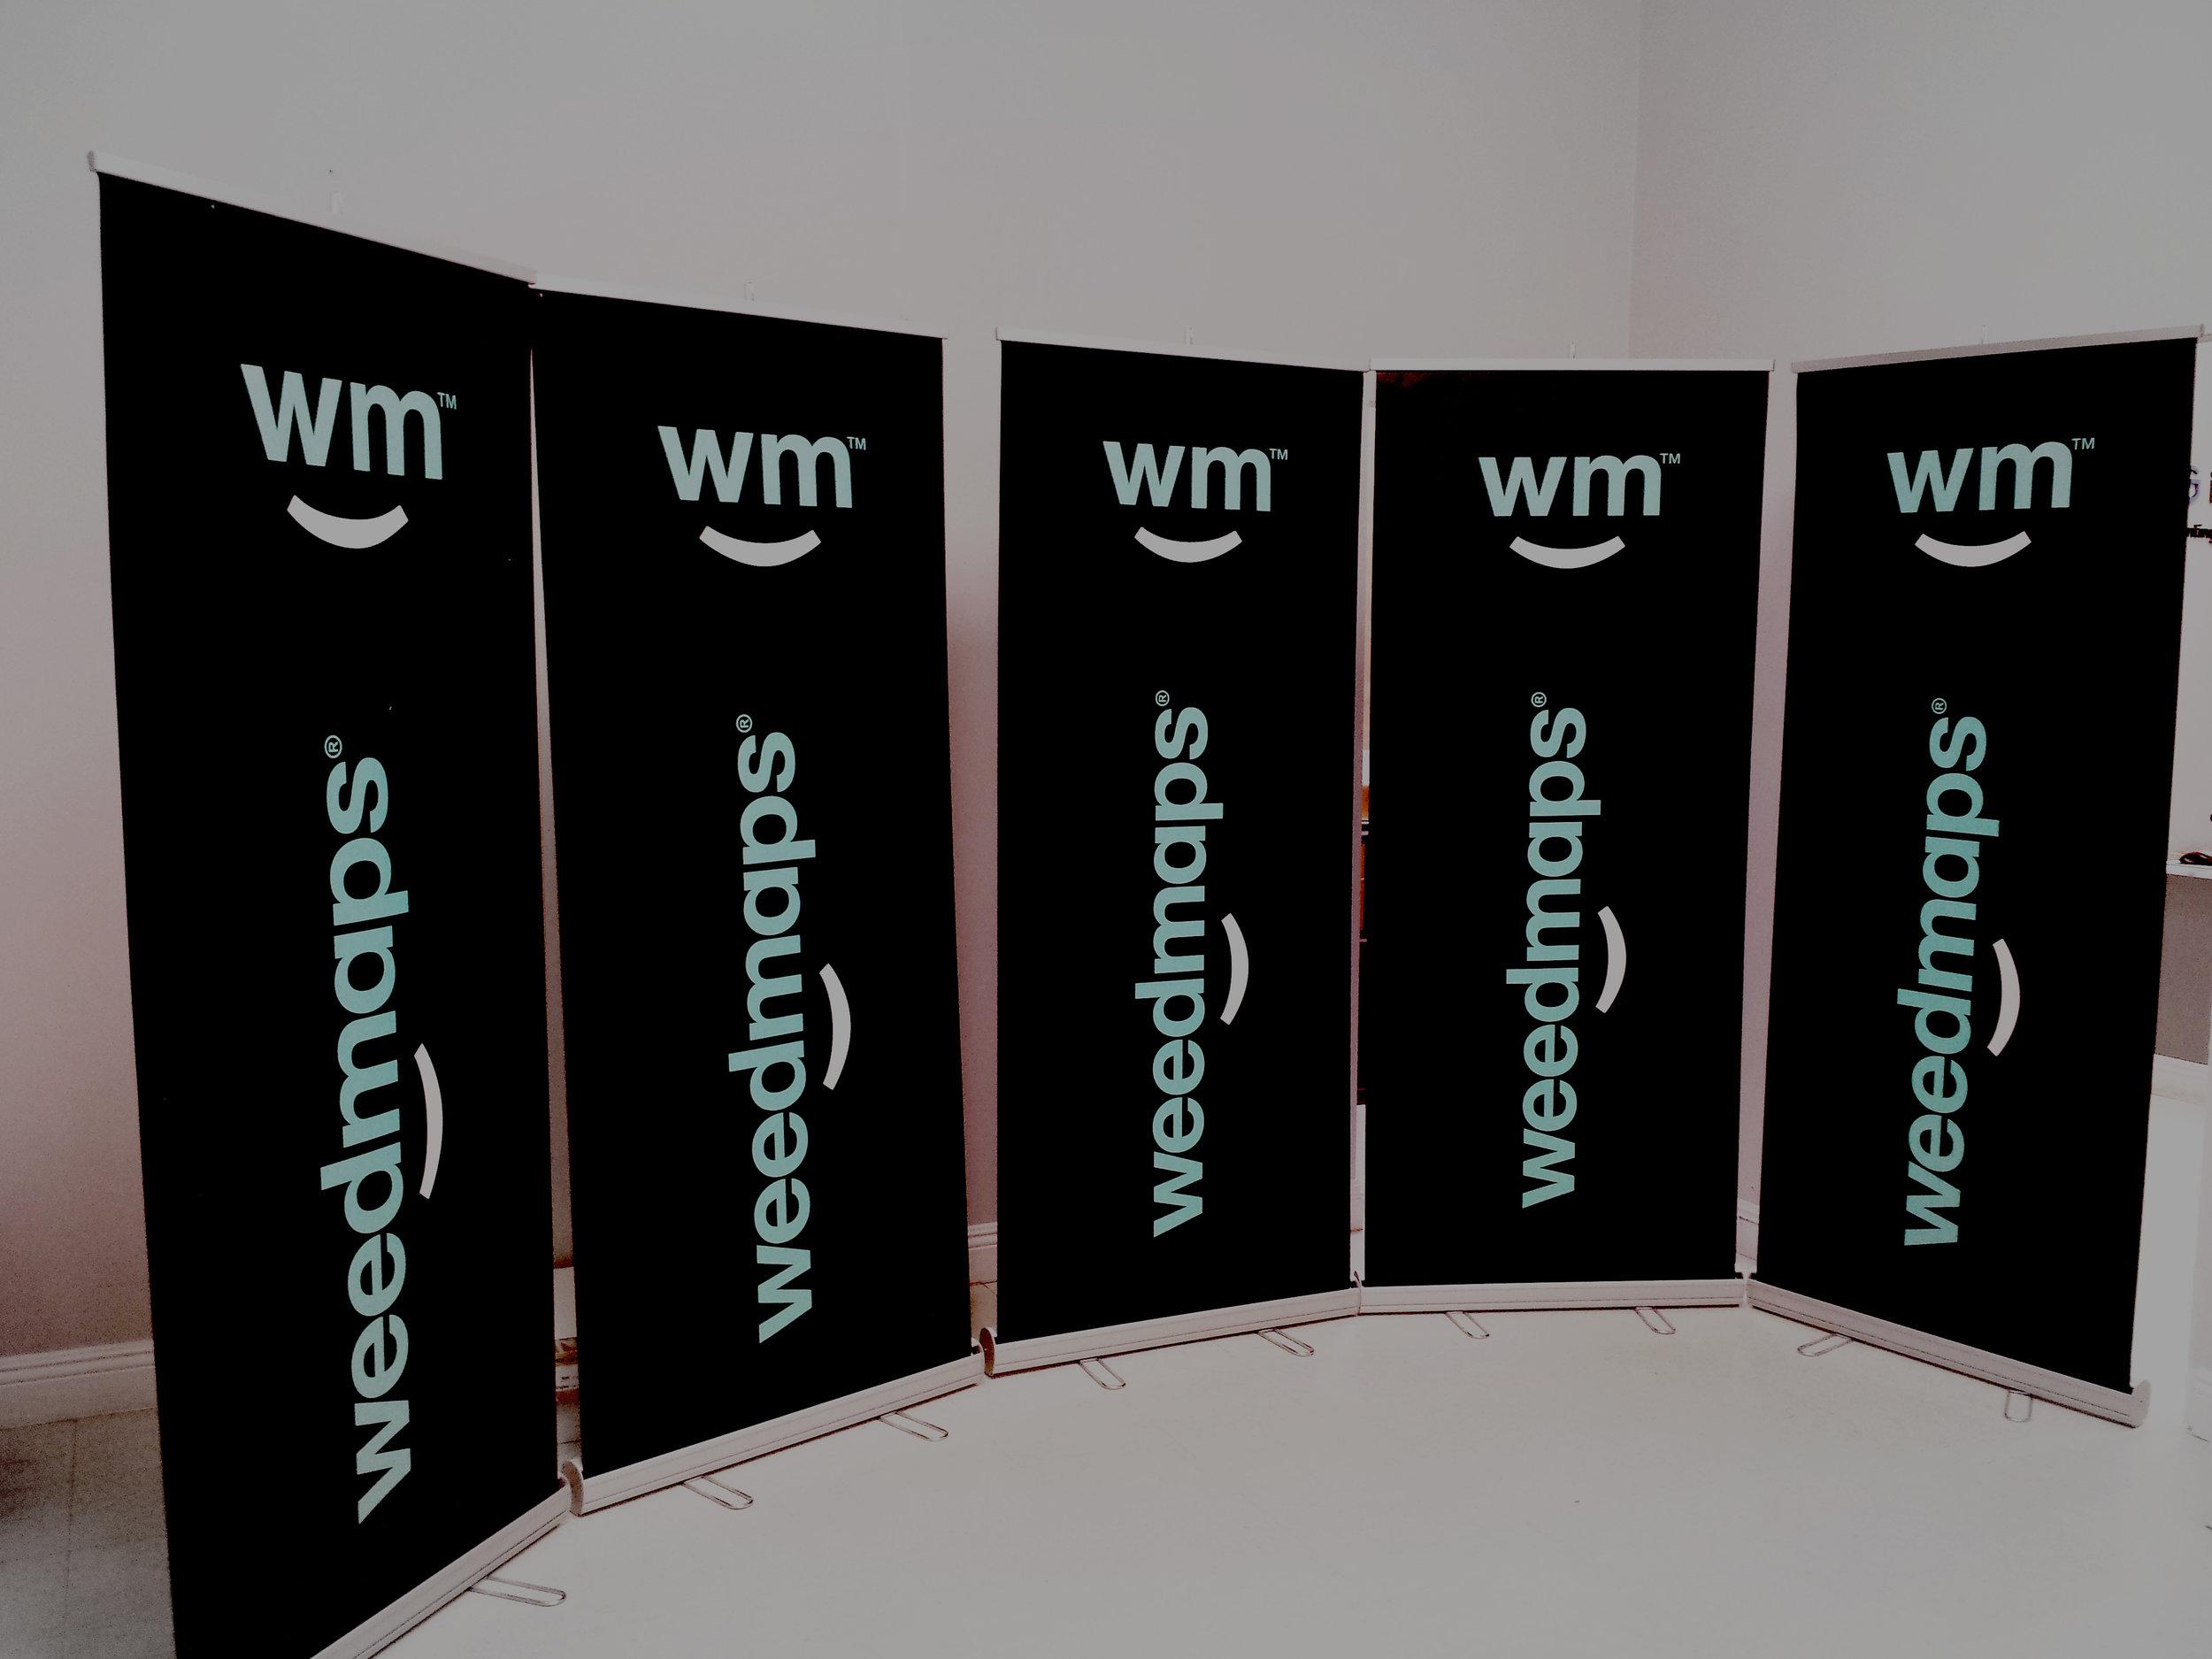 Weedmaps retractable banners